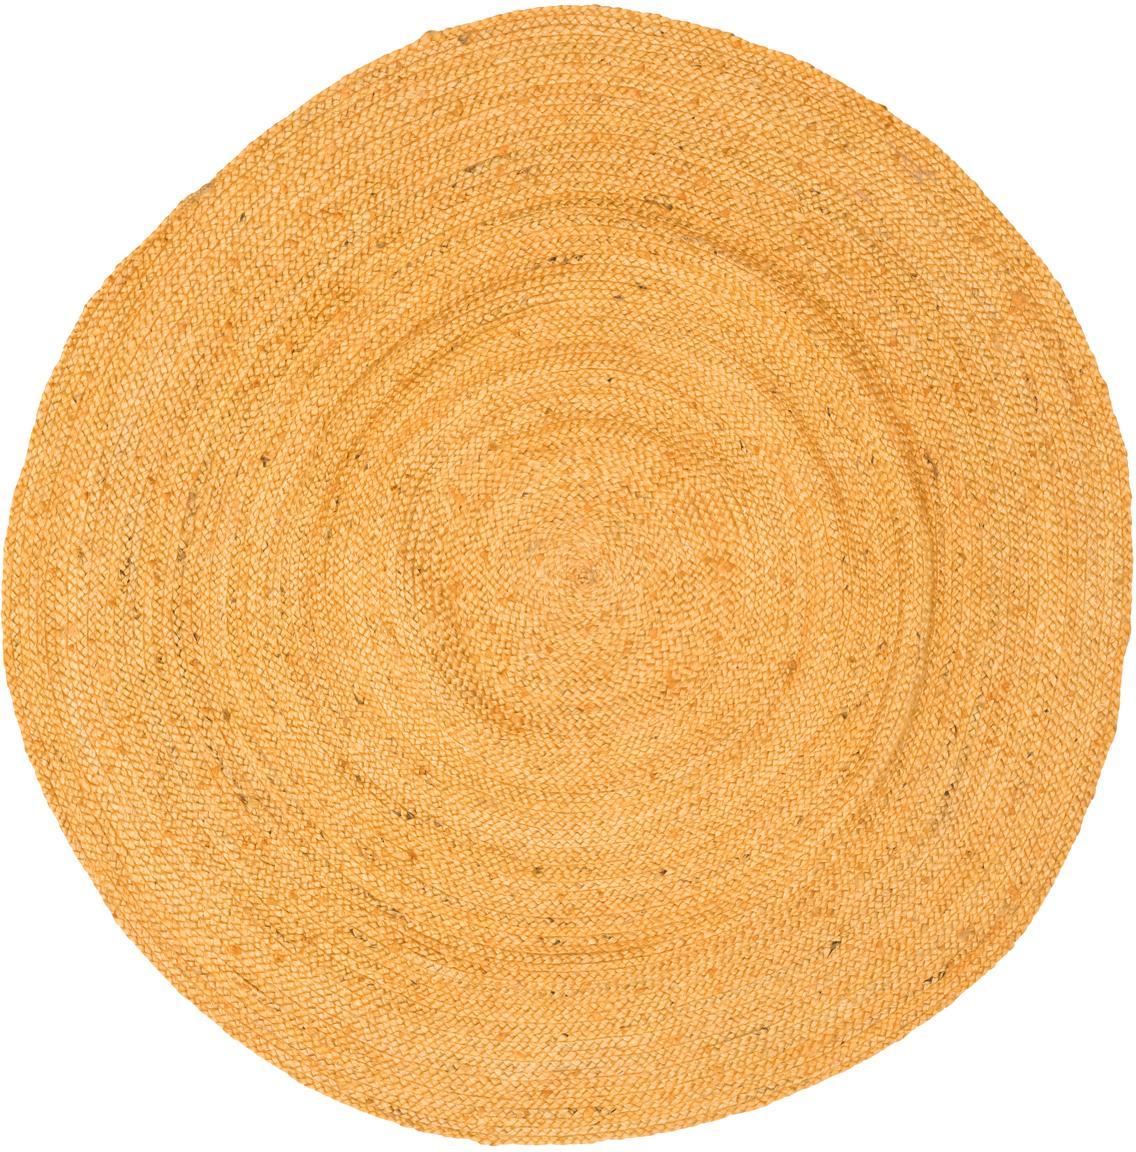 Runder Jute-Teppich Pampas in Gelb, 100% Jute, Gelb, Ø 150 cm (Größe M)